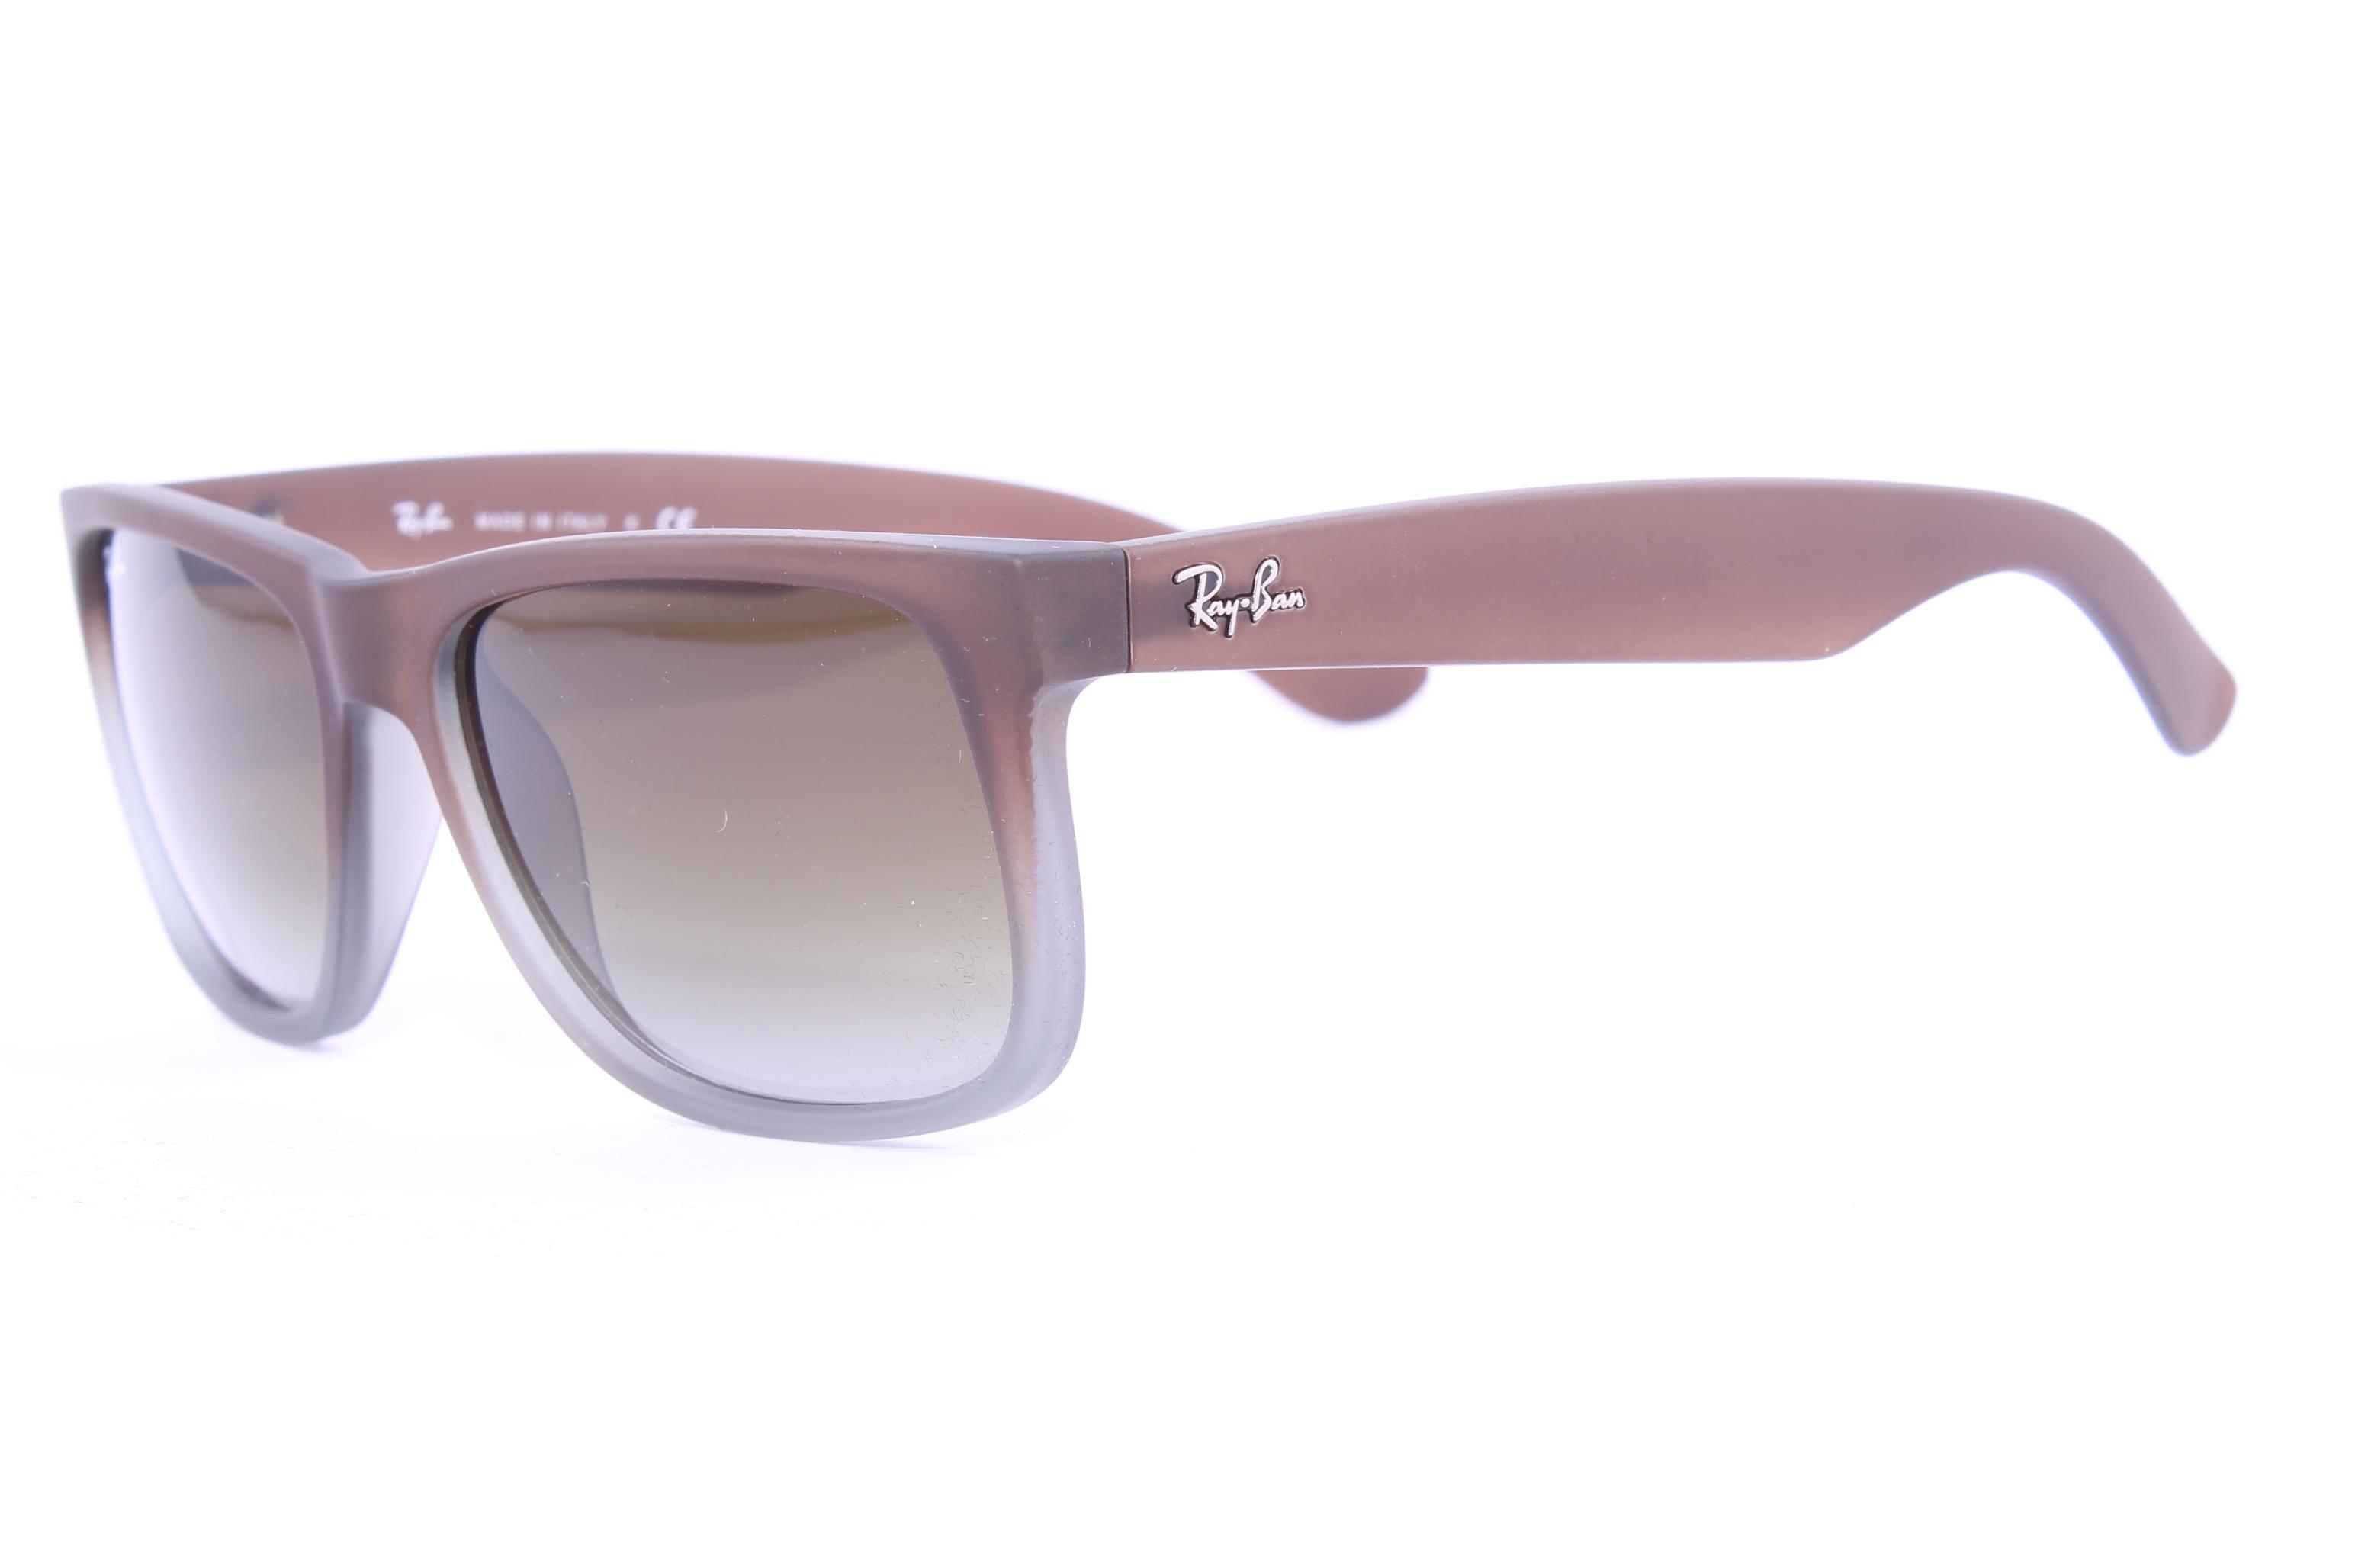 Ray Ban Férfi Napszemüvegek  4044bf6e63